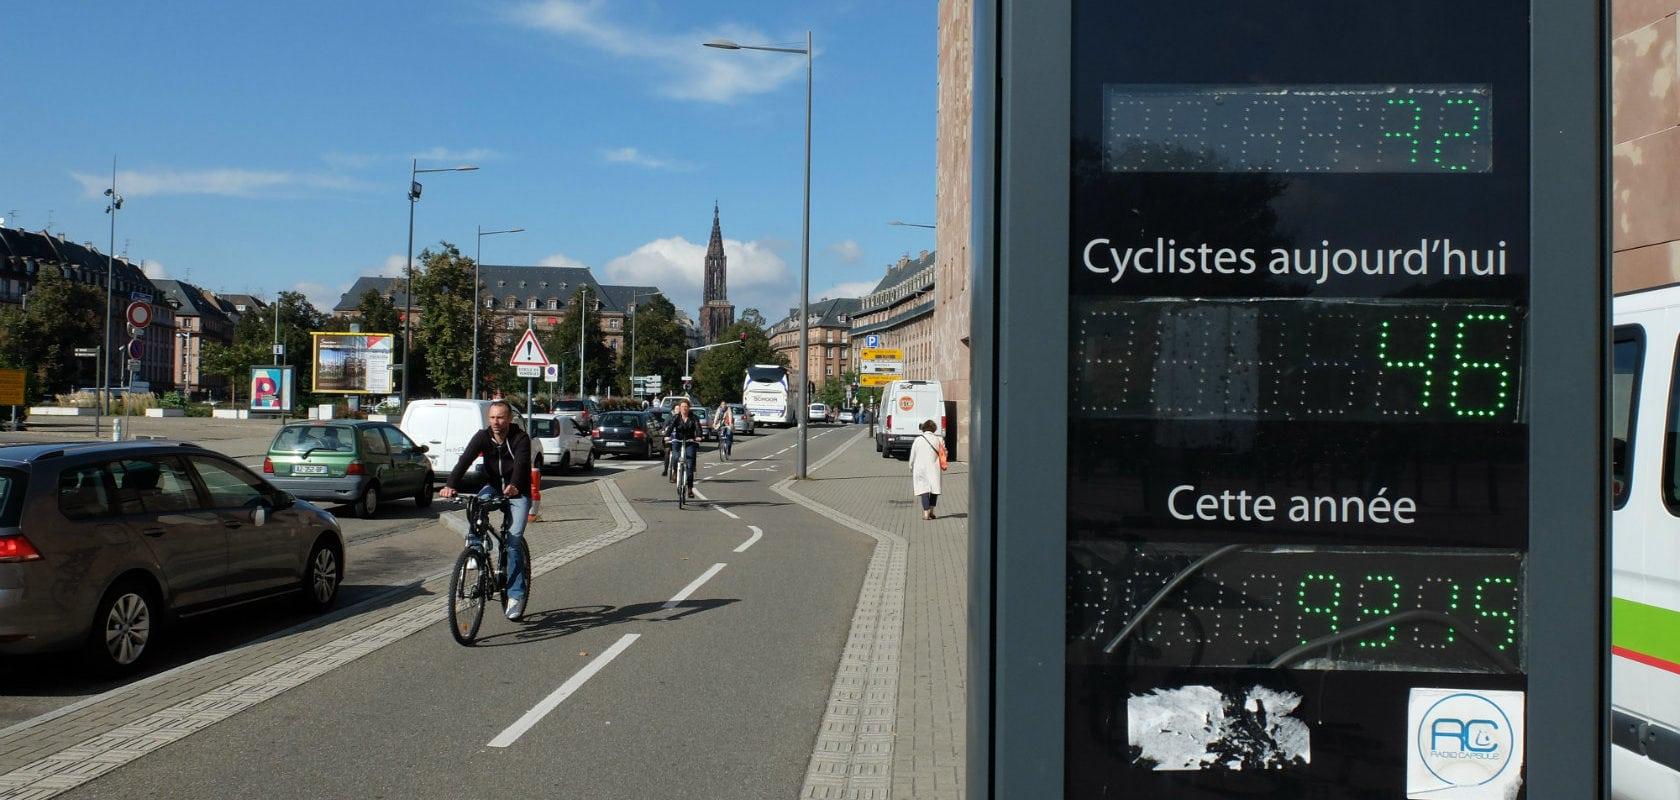 Comment retrouver son vélo volé sur internet